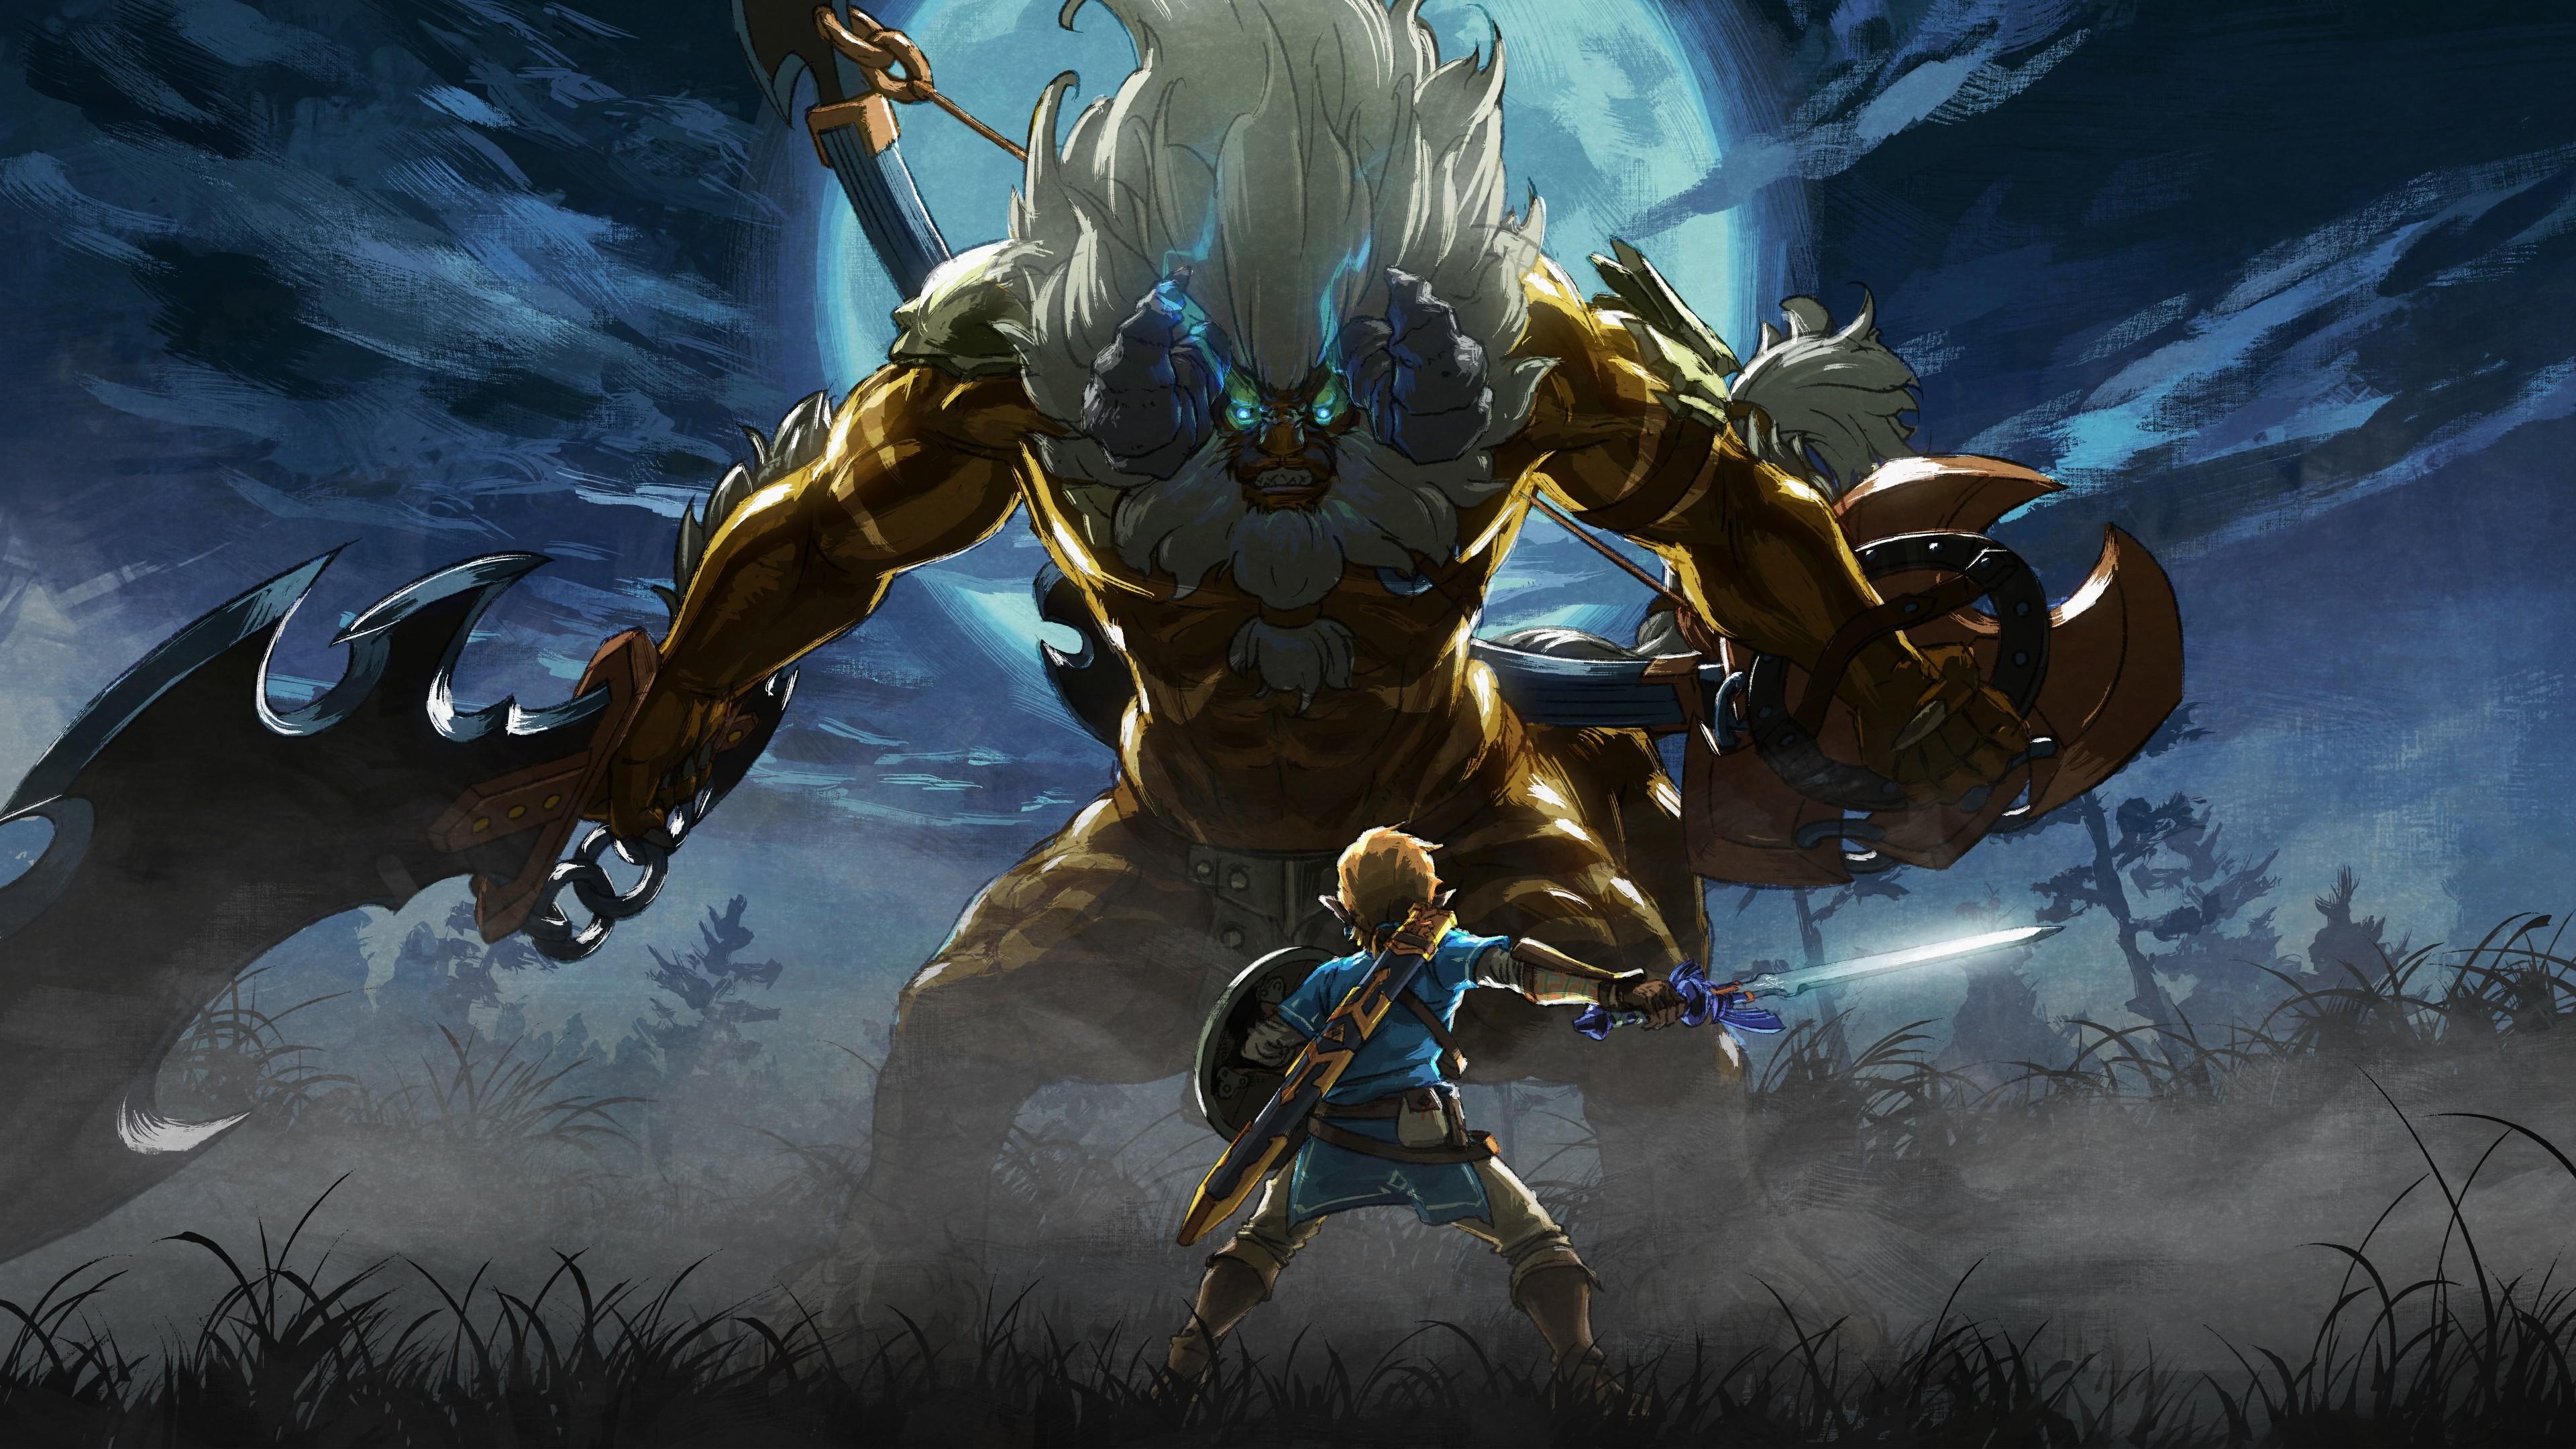 Res: 3840x2160, Games / The Master Trials Wallpaper